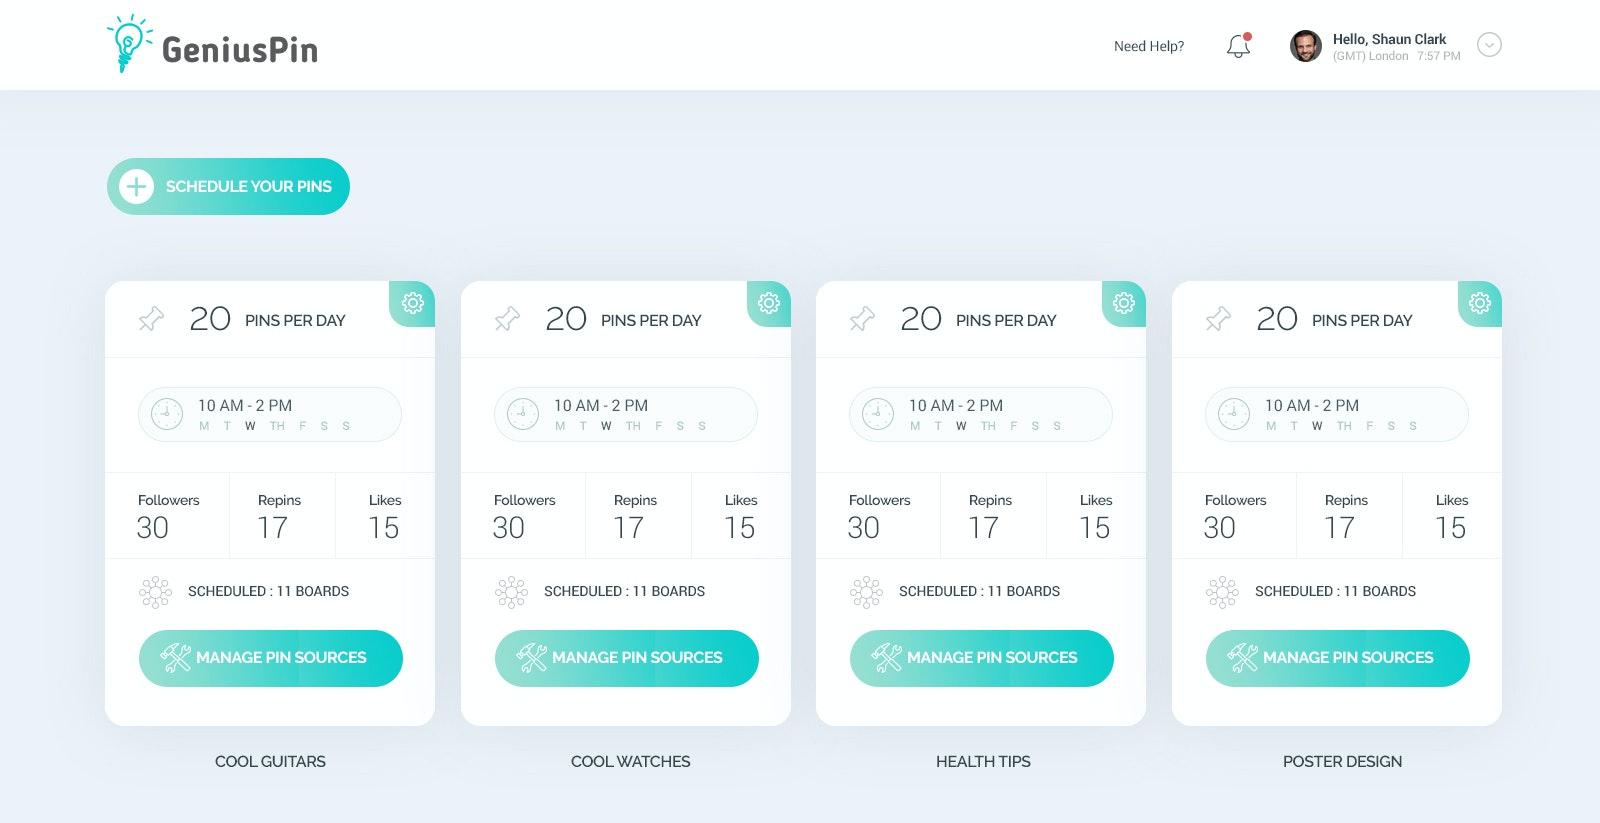 GeniusPin web design